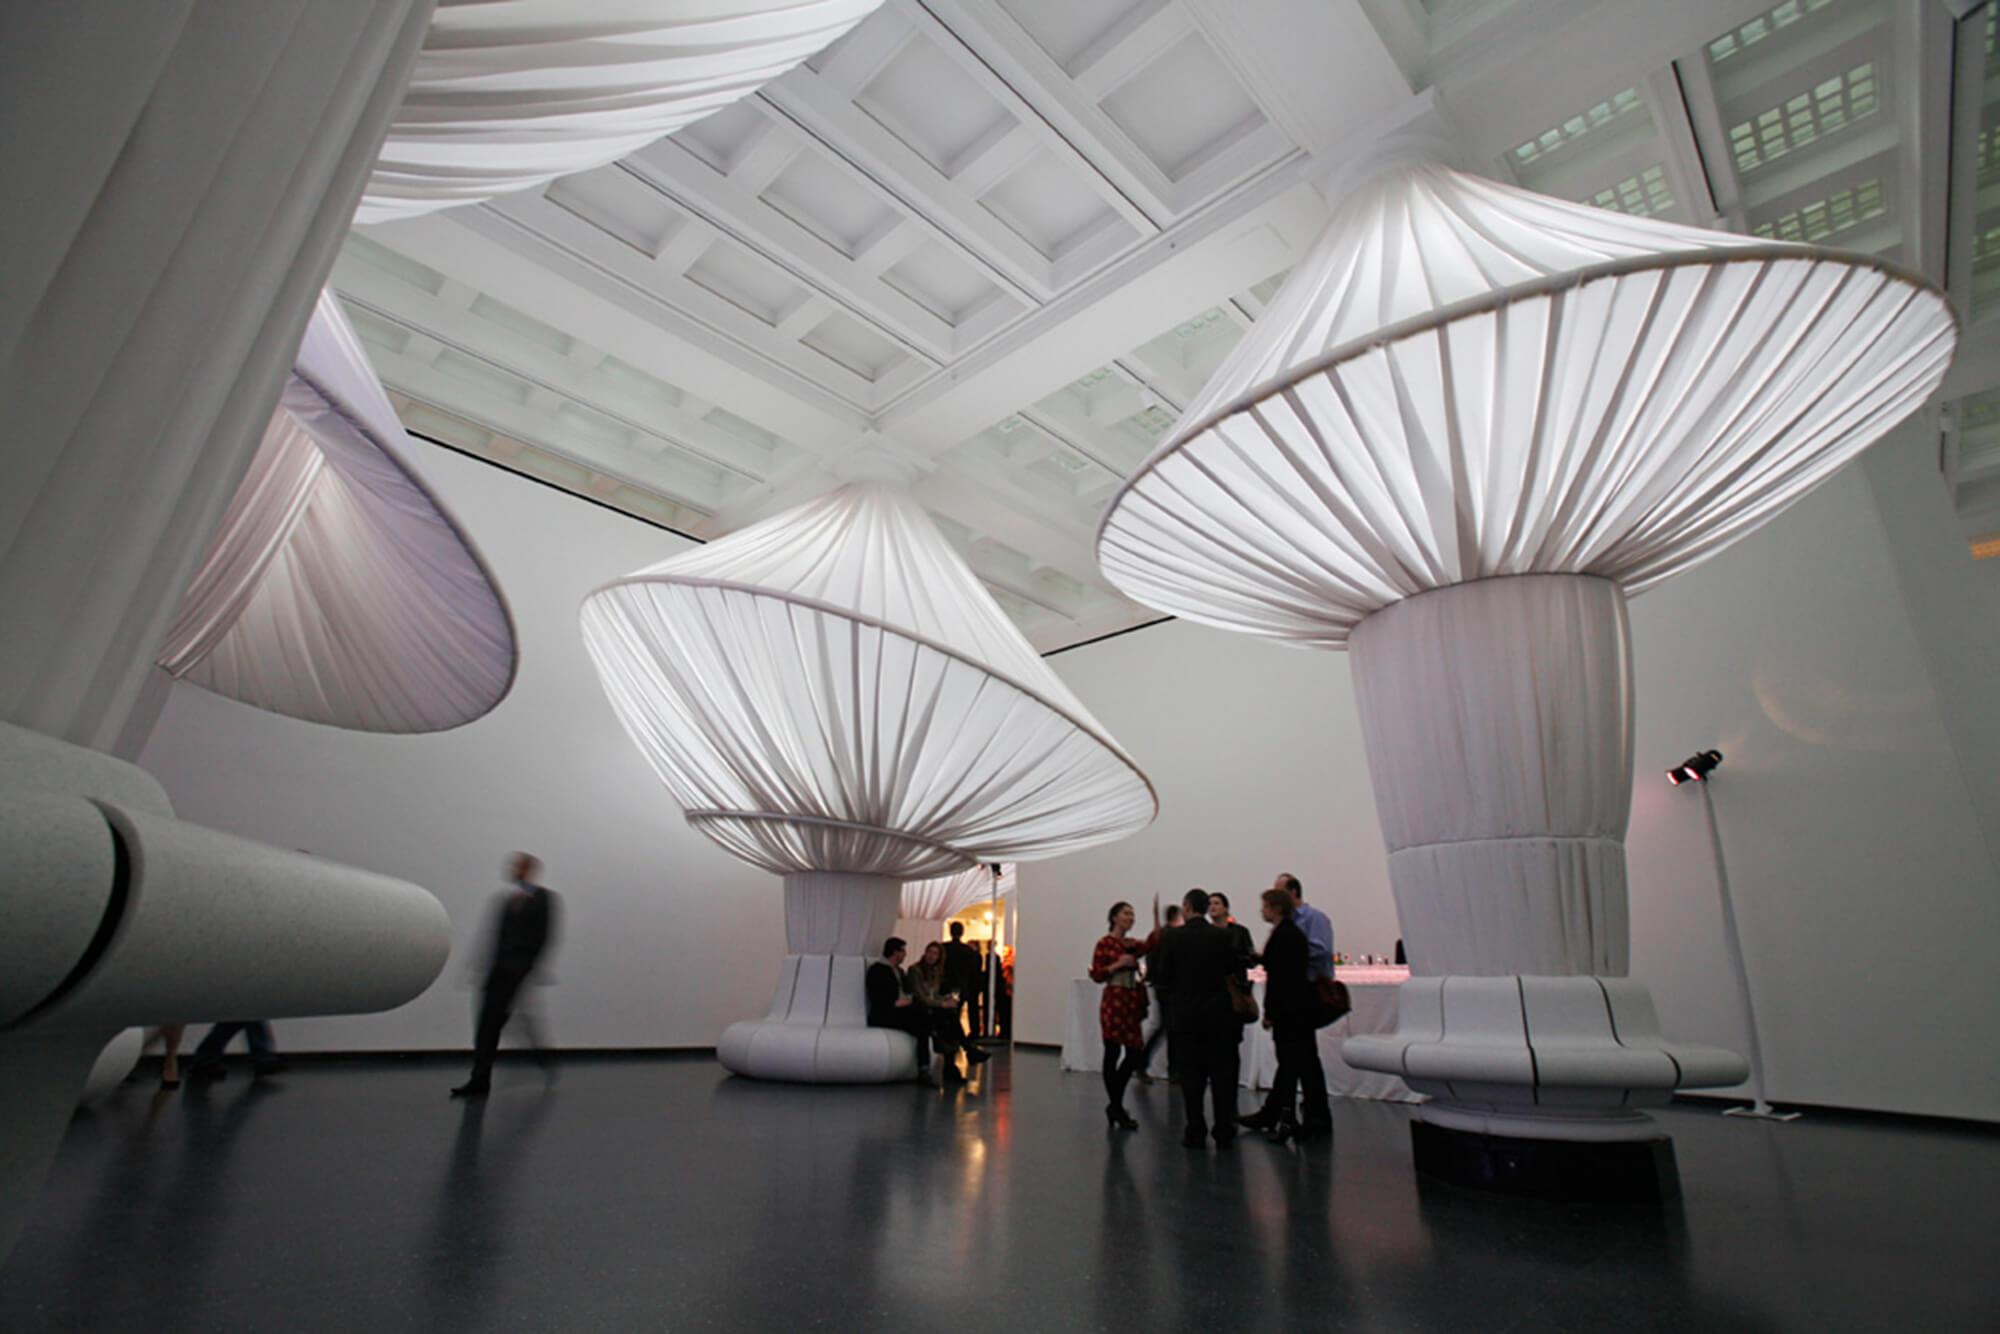 采用白色 Sunbrella 制成的立柱,让布鲁克林博物馆更添空间层次